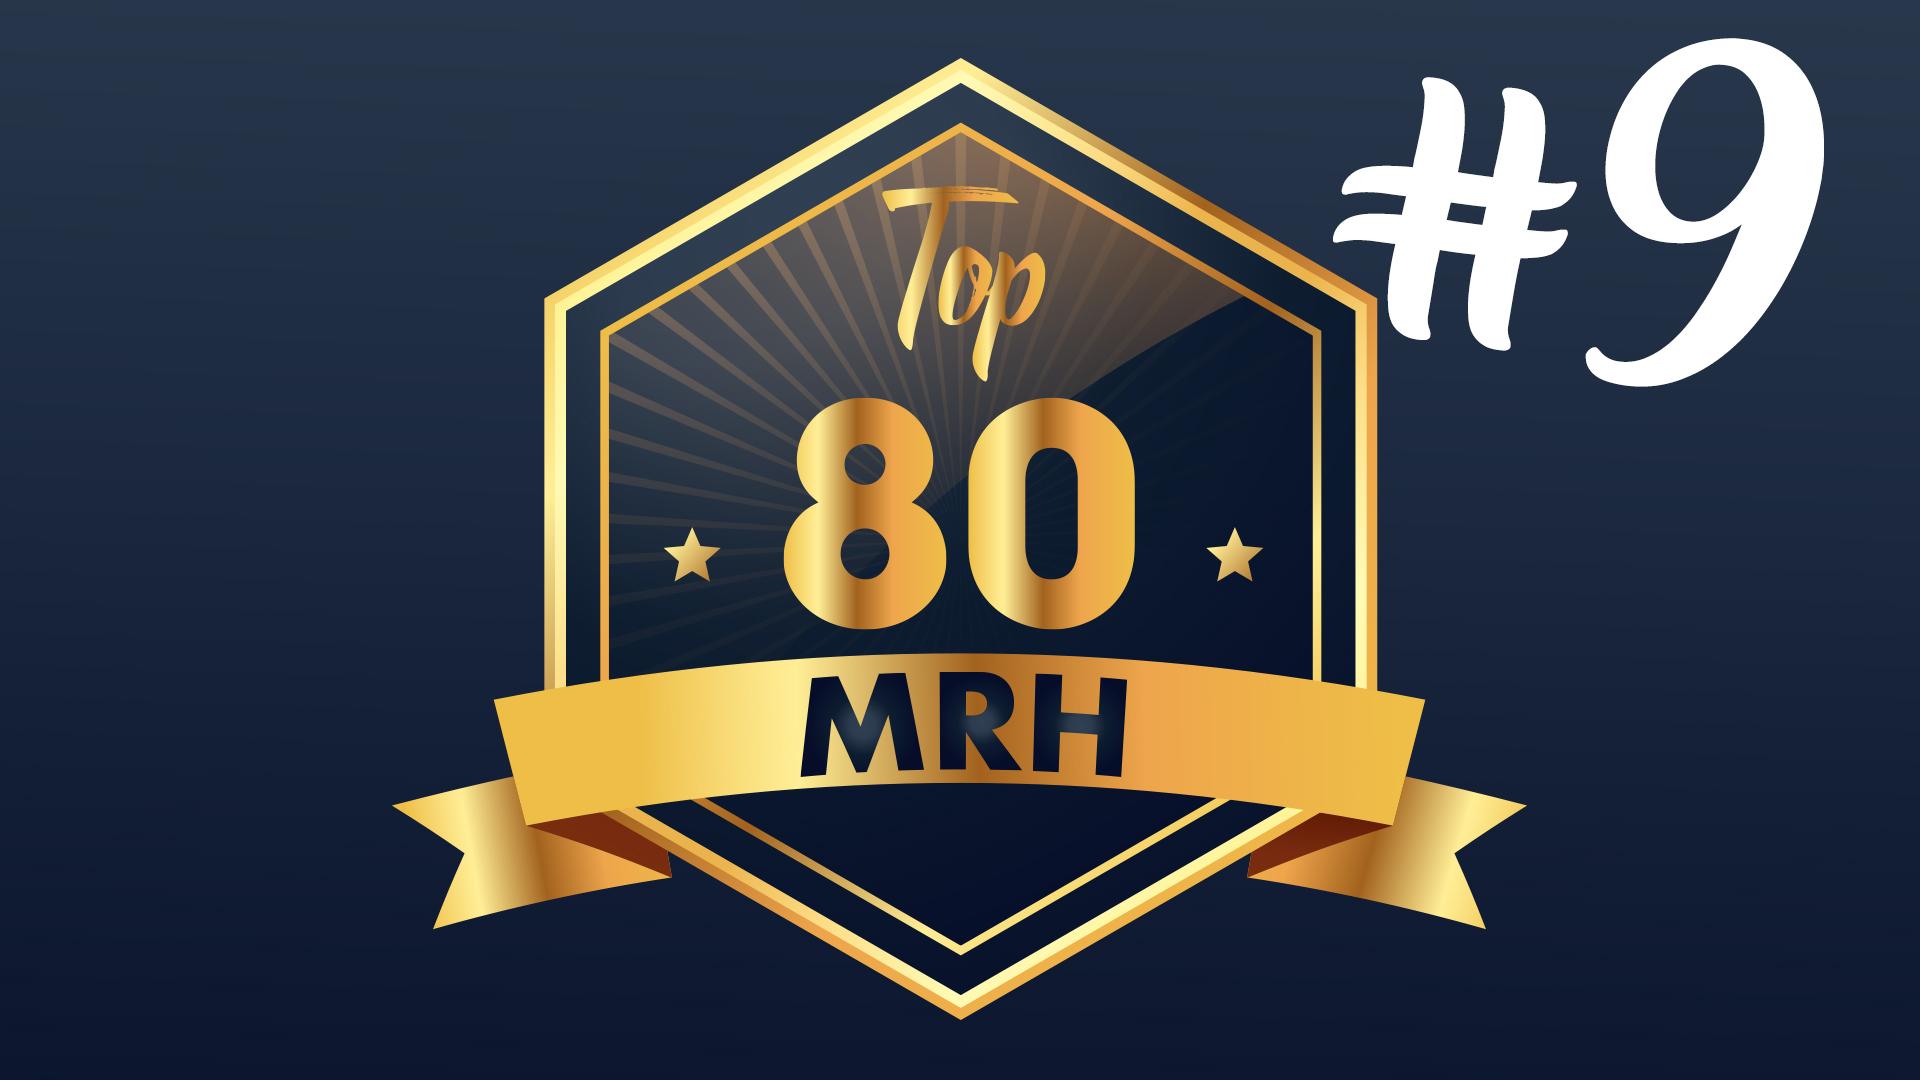 Top 80 MRH - Découvrez le 9e classement de l'année